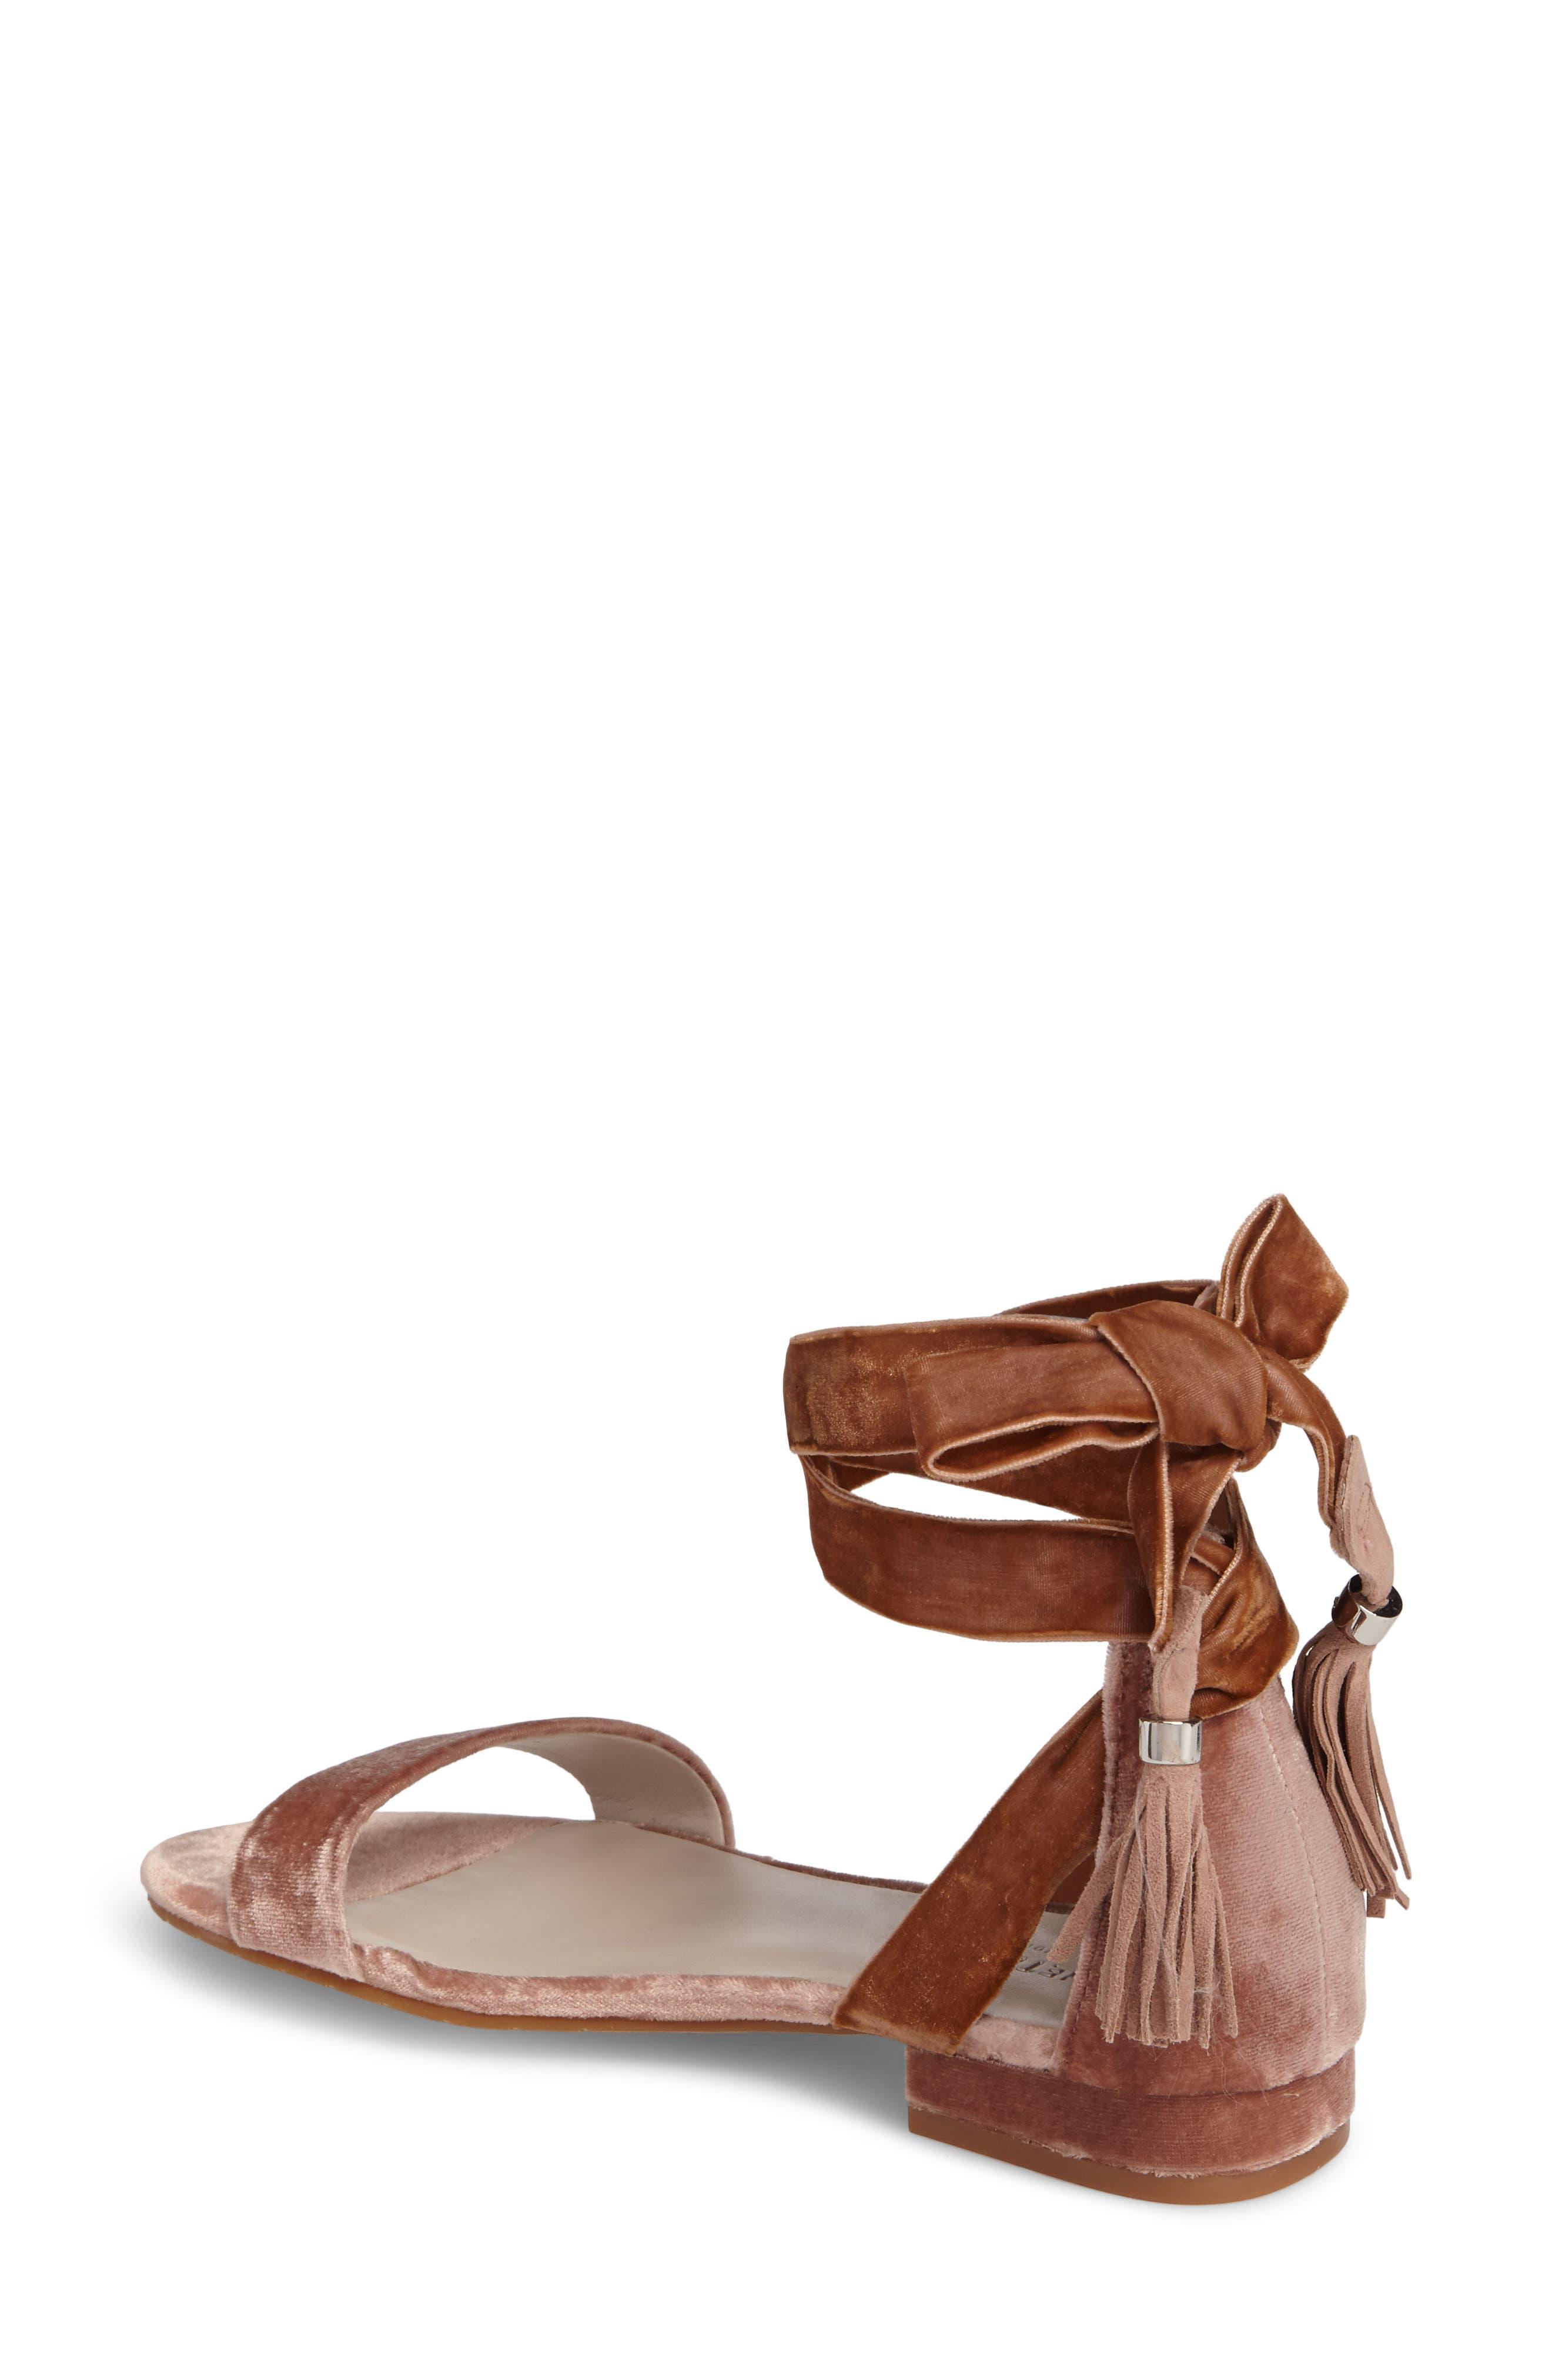 Valen Tassel Lace-Up Sandal,                             Alternate thumbnail 2, color,                             Blush Velvet